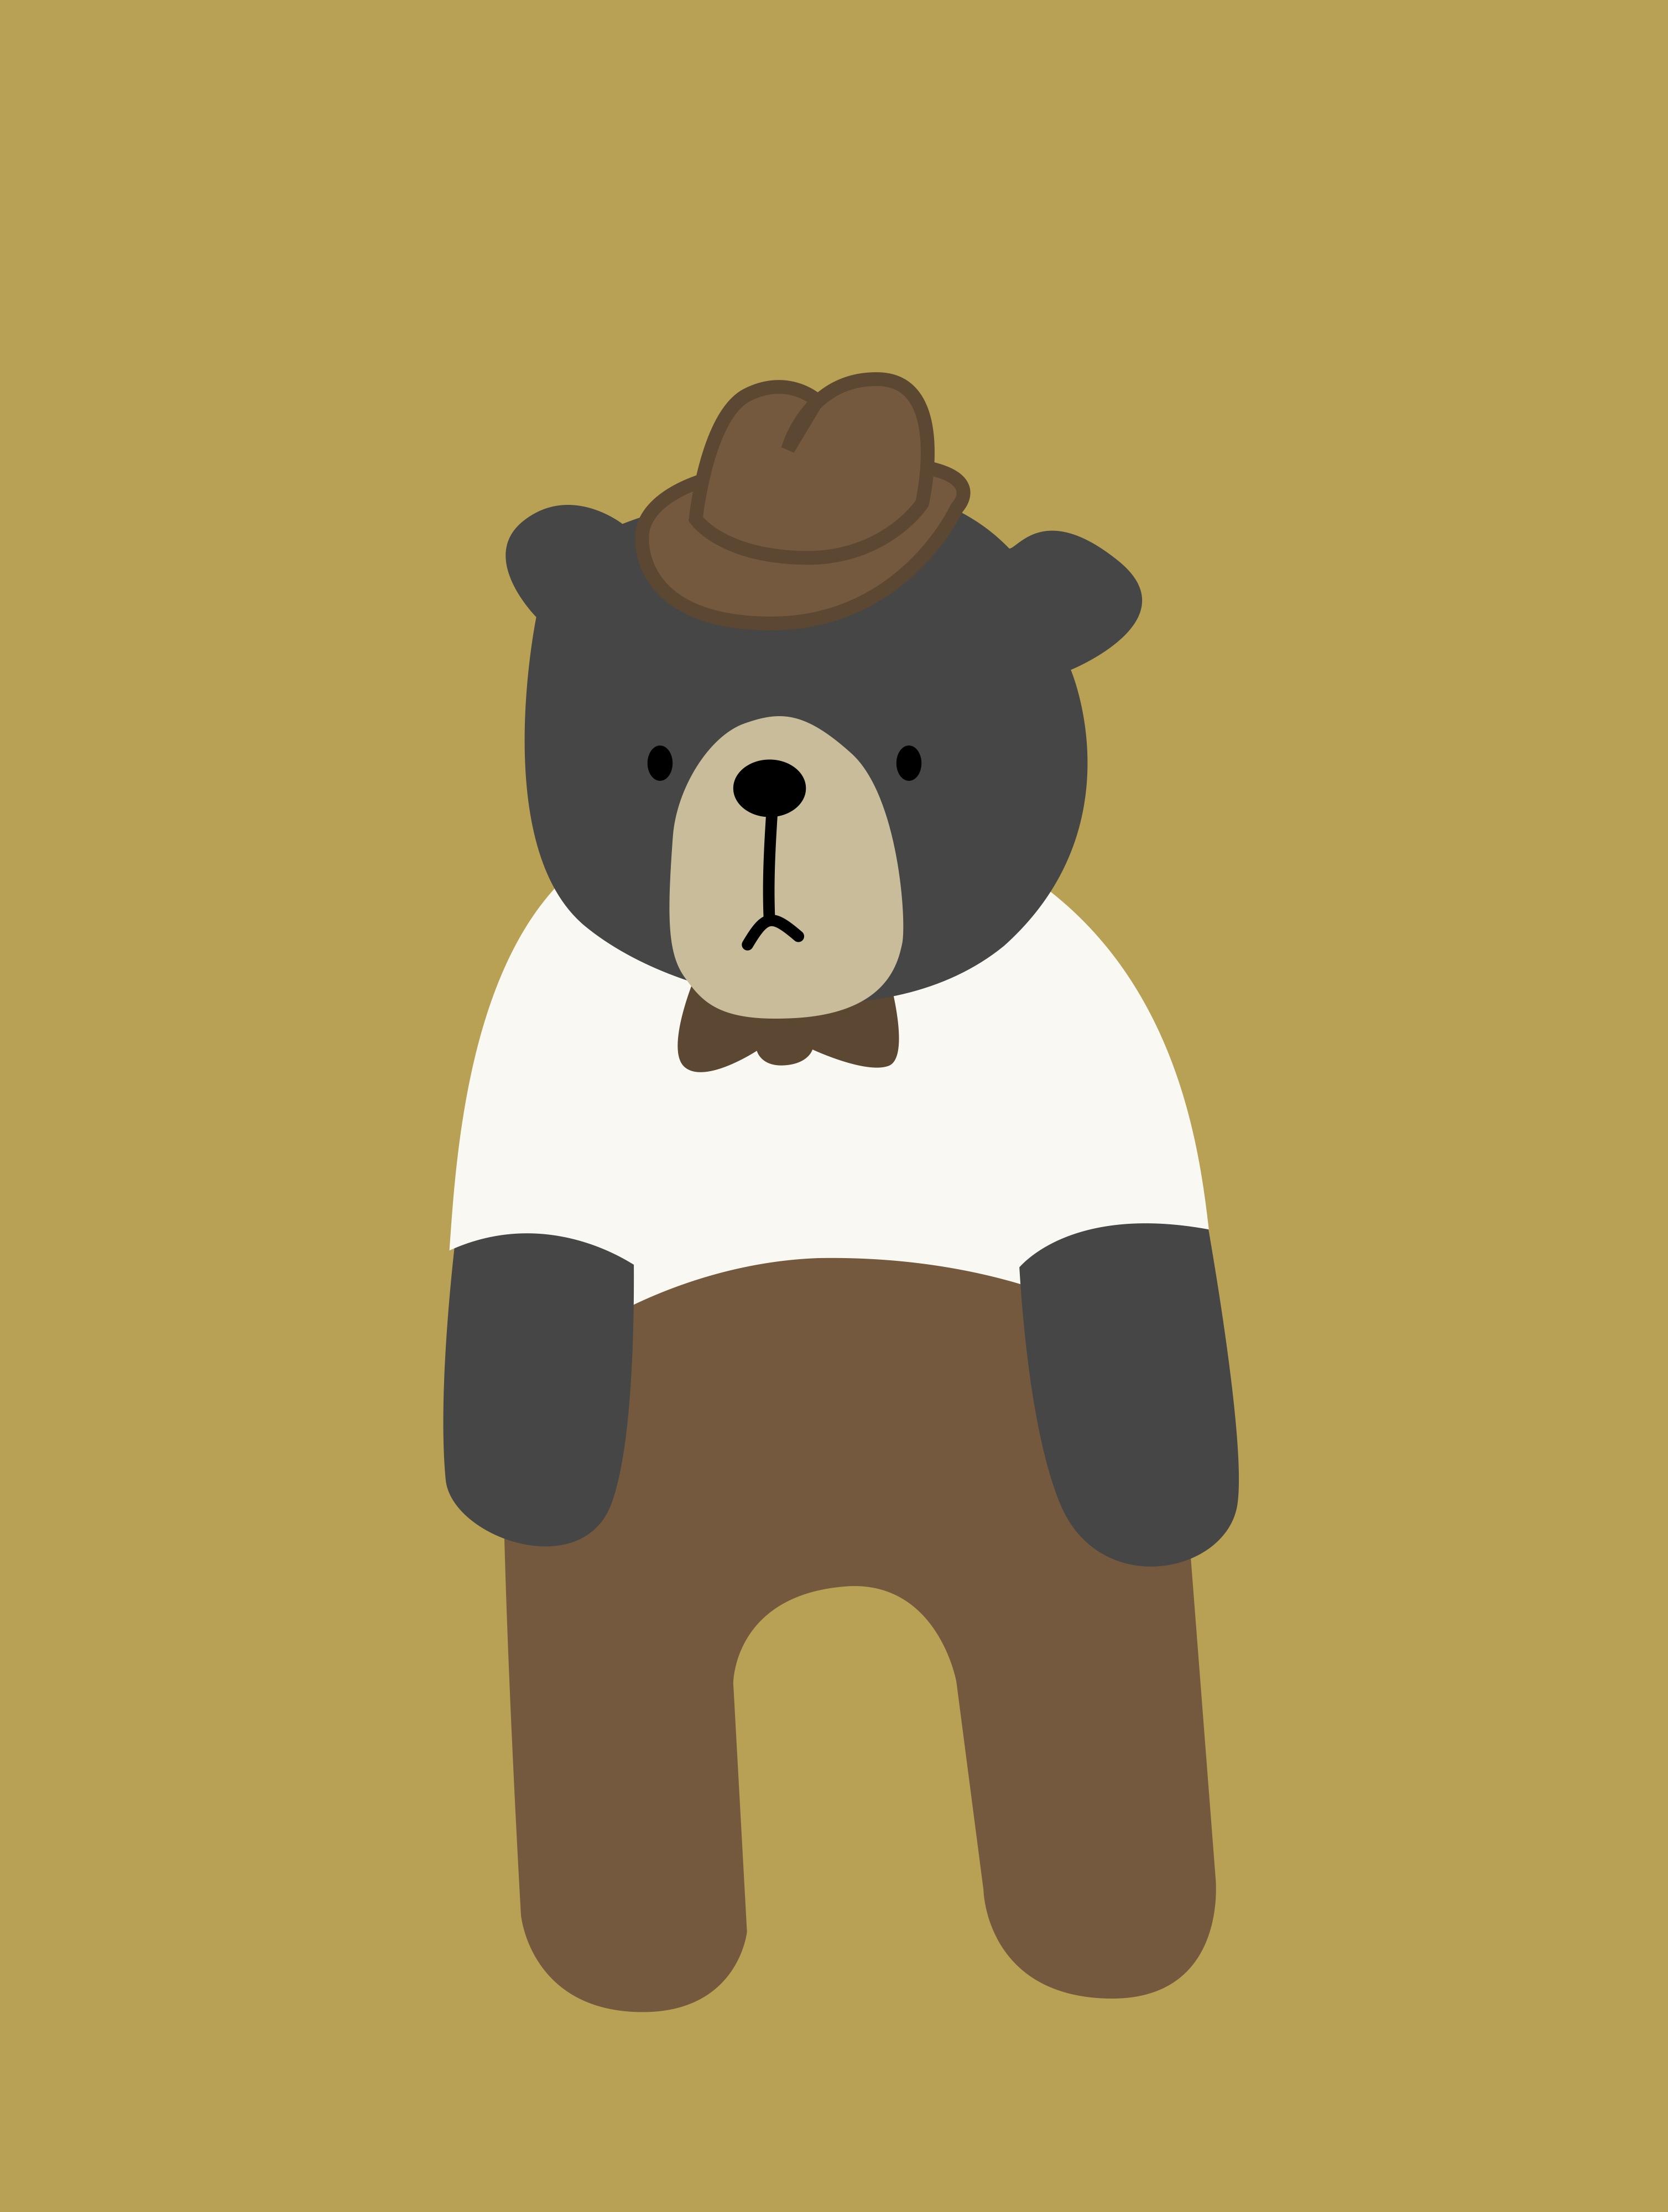 Pocketfullofbees. Bear clipart grandpa